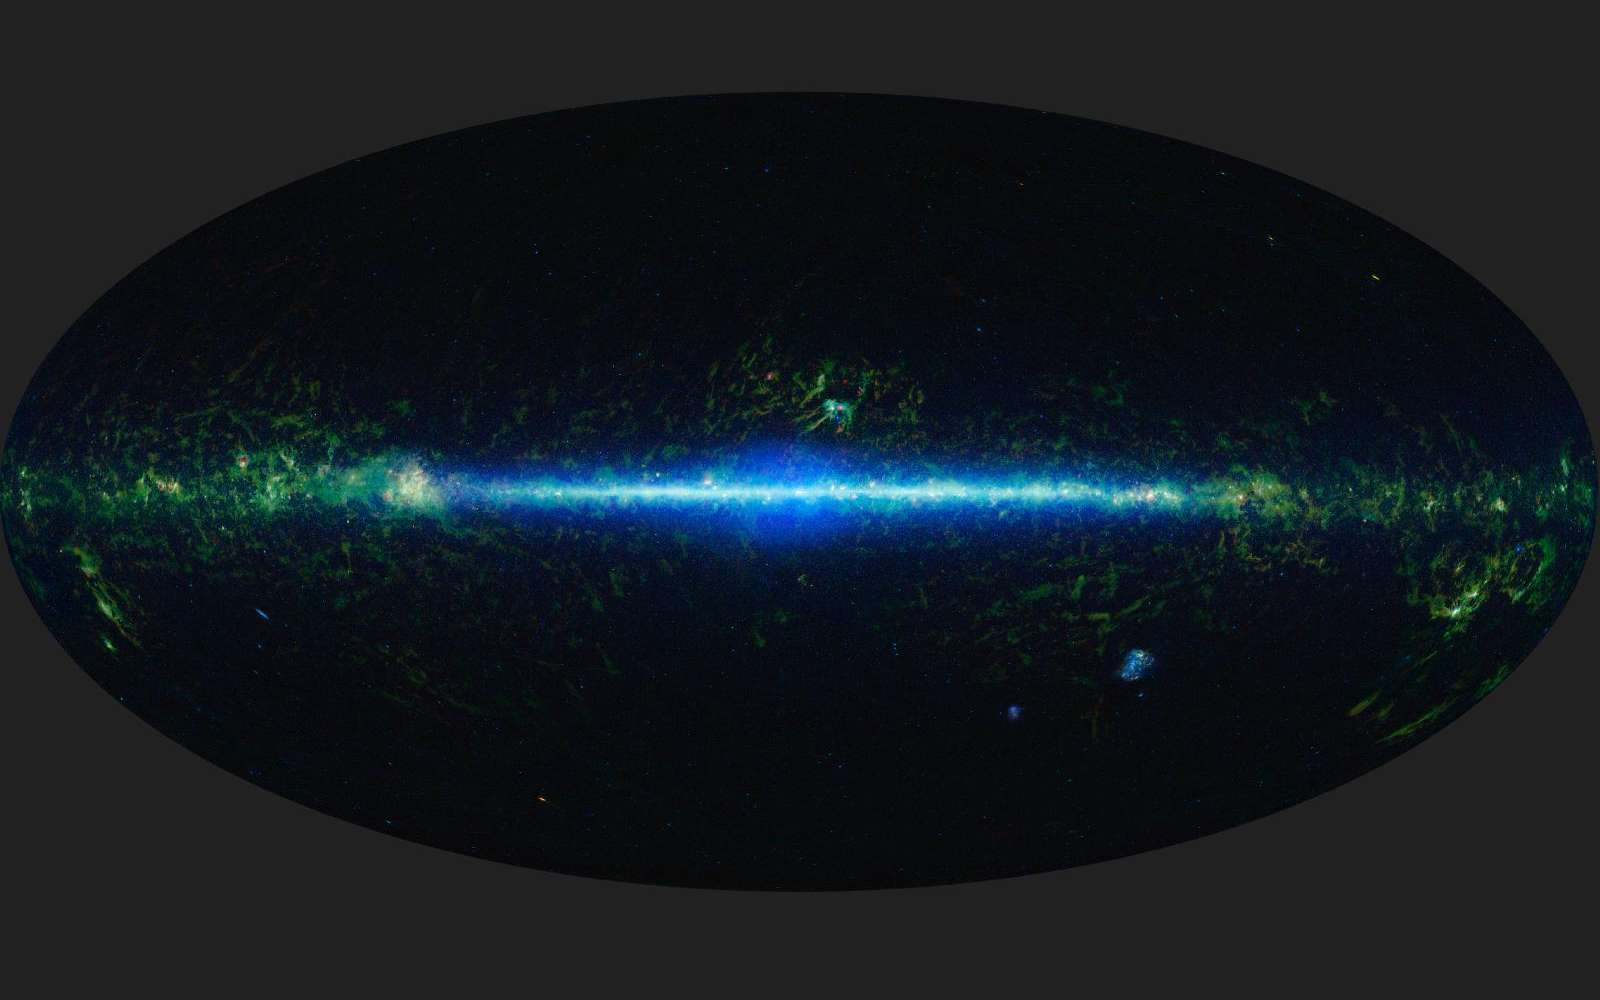 Cette mosaïque composée de 18.000 images dans quatre longueurs d'onde en infrarouge représente le ciel vu du télescope Wise. Plus d'un demi-milliard d'objets célestes y sont visibles dans et autour la bande étroite de notre disque galactique. © Nasa/JPL-Caltech/Ucla